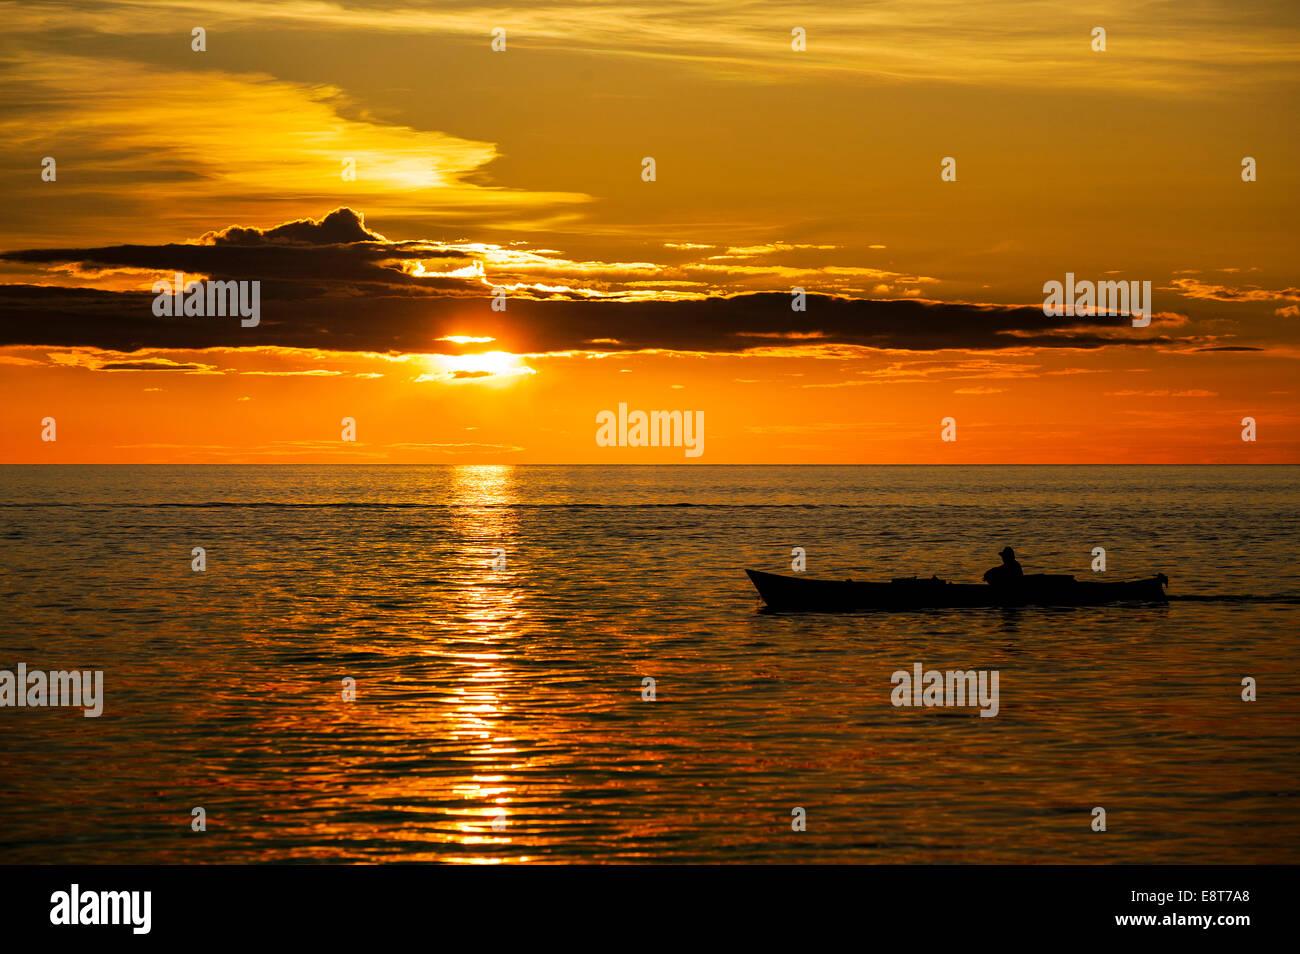 Sunset, boat, Sulawesi, Indonesia - Stock Image